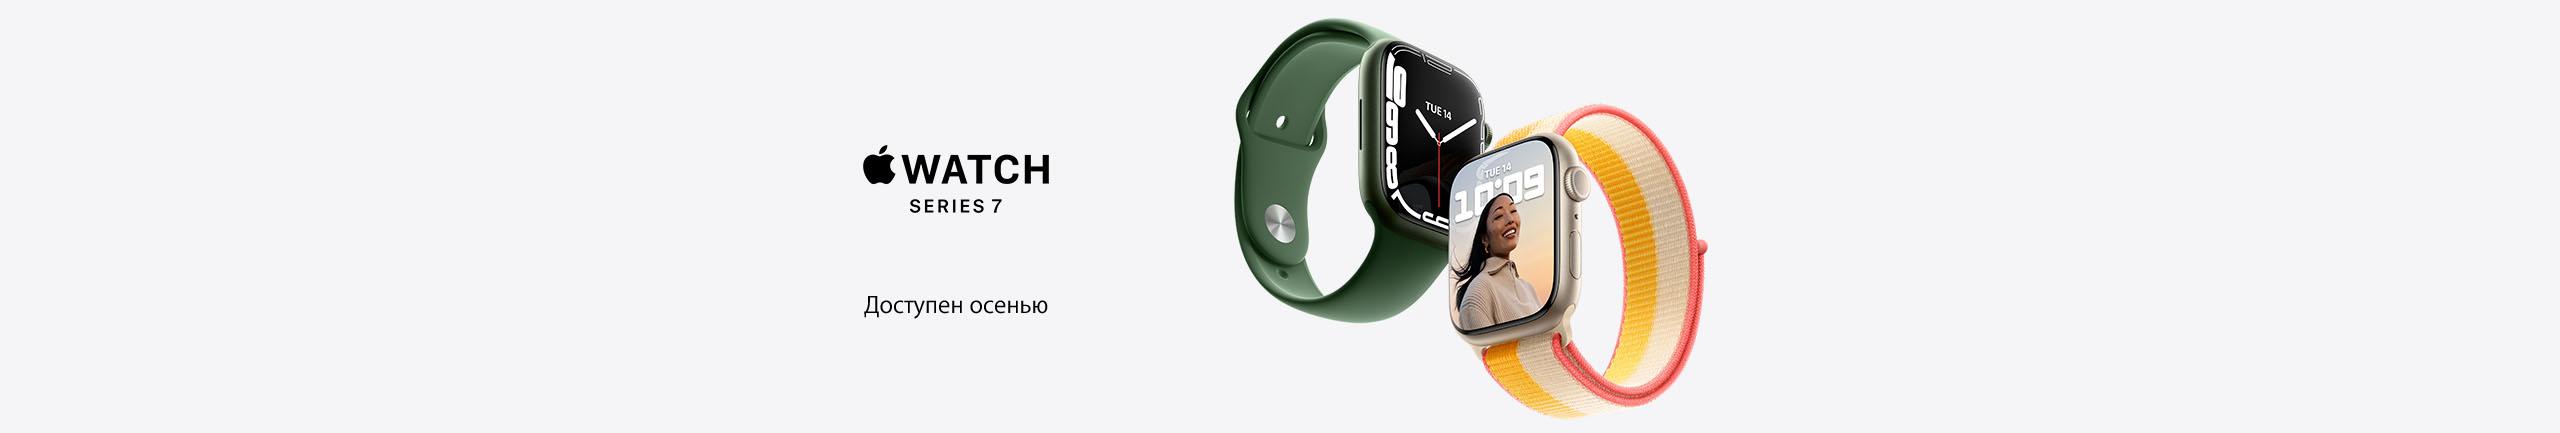 NPL Apple Watch 7